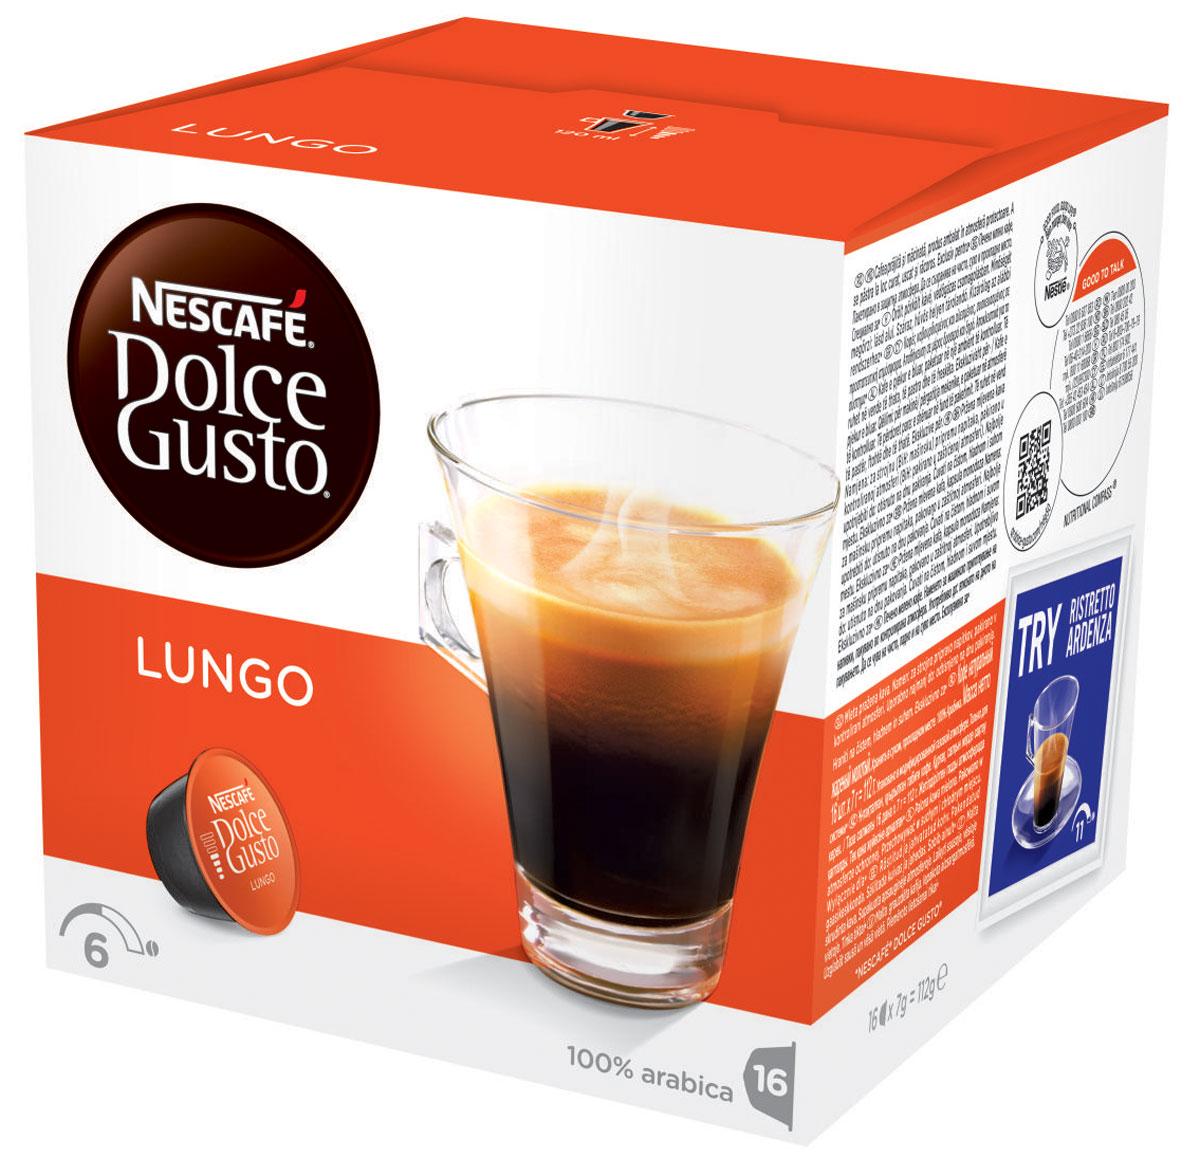 Nescafe Dolce Gusto Lungo кофе в капсулах, 16 шт5219842Кофейные капсулы Лунго созданы специально для ценителей итальянского длинного кофе. Лунго рождается точно так же, как и классический эспрессо. Вода проходит через тщательно обжаренный и перемолотый кофе, но вместо того, чтобы остановиться на маленькой порции, вода наполняет кофейную чашку обычного размера. Что получается? Удивительный расслабляющий кофе, который идеально подходит для любого времени дня! Изысканный аромат придется по вкусу всем любителям кофе.